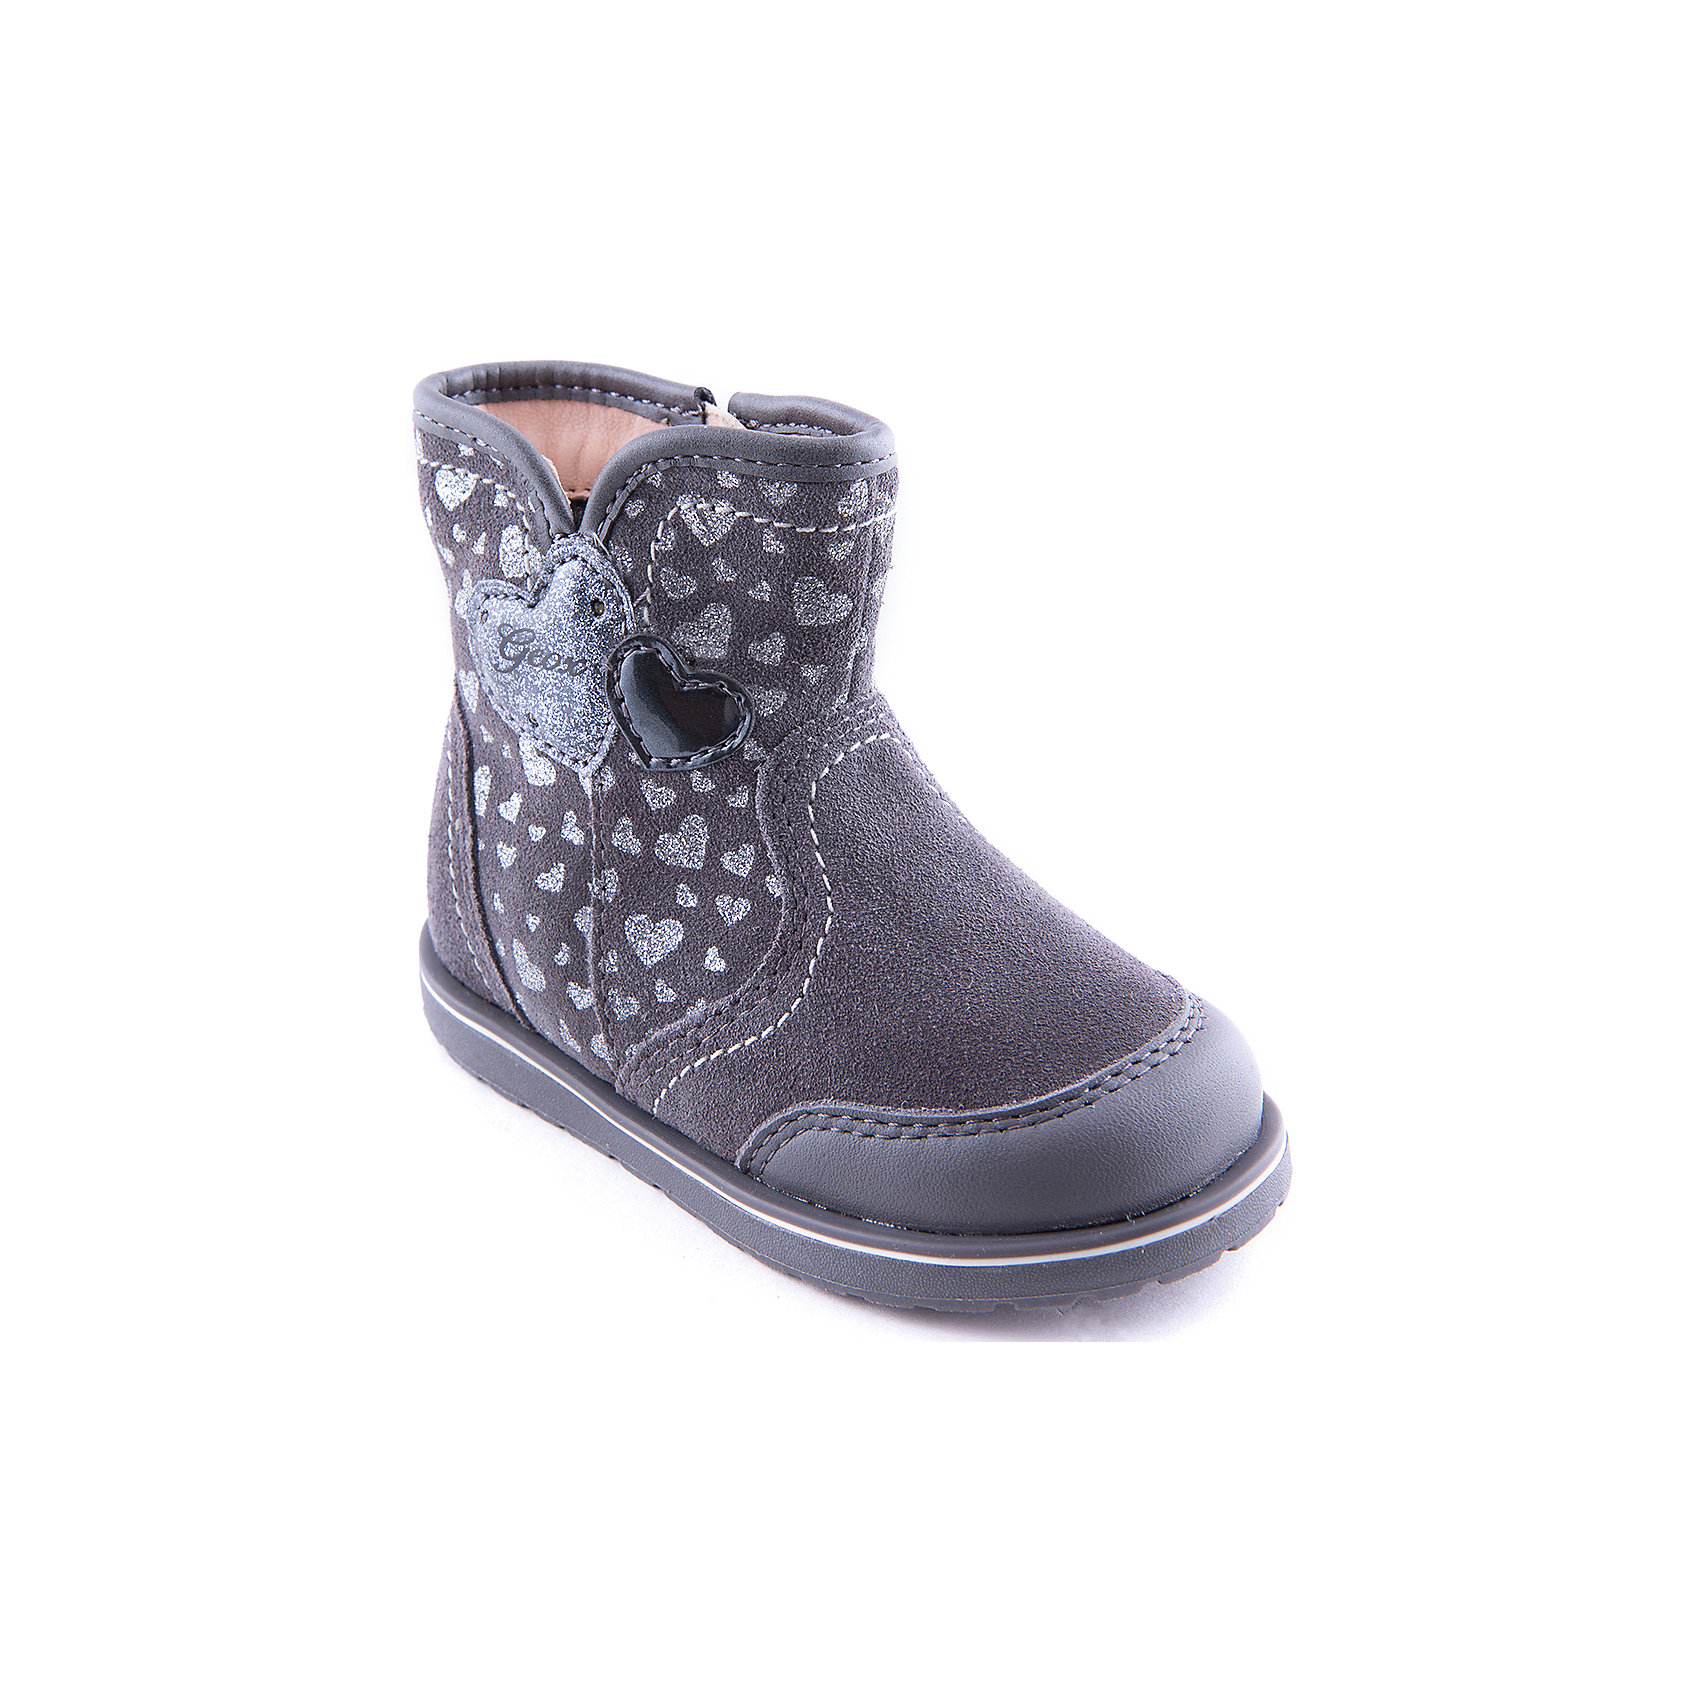 Сапоги для девочки GeoxОбувь для малышей<br>Полусапожки для девочки от популярной марки GEOX.<br>Удобные и теплые полусапожки сделаны по уникальной технологии. Производитель обуви GEOX разработал специальную дышащую подошву, которая не пропускает влагу внутрь, а также высокотехнологичную стельку. При производстве этих полусапожек была задействована технология Amphibiox, делающая обувь непромокаемой.<br>Отличительные особенности модели:<br>- цвет: серый;<br>- украшены принтом: сердечки;<br>- гибкая водоотталкивающая подошва с дышащей мембраной;<br>- утепленная стелька;<br>- мягкий и легкий верх;<br>- защита пятки и пальцев;<br>- эргономичная форма;<br>- удобные застежки-липучки;<br>- комфортное облегание;<br>- ударопрочная антибактериальная стелька;<br>- защита от промокания - технология Amphibiox;<br>- верх обуви и подкладка сделаны без использования хрома.<br>Дополнительная информация:<br>- Температурный режим: от - 20° С до -5° С.<br>- Состав:<br>материал верха: синтетический материал, кожа<br>материал подкладки: текстиль, кожа, синтетика<br>подошва: полимер.<br>Полусапоги для девочки GEOX (Геокс) можно купить в нашем магазине.<br><br>Ширина мм: 257<br>Глубина мм: 180<br>Высота мм: 130<br>Вес г: 420<br>Цвет: серый<br>Возраст от месяцев: 15<br>Возраст до месяцев: 18<br>Пол: Женский<br>Возраст: Детский<br>Размер: 22,23,26,27,25,24<br>SKU: 4178080